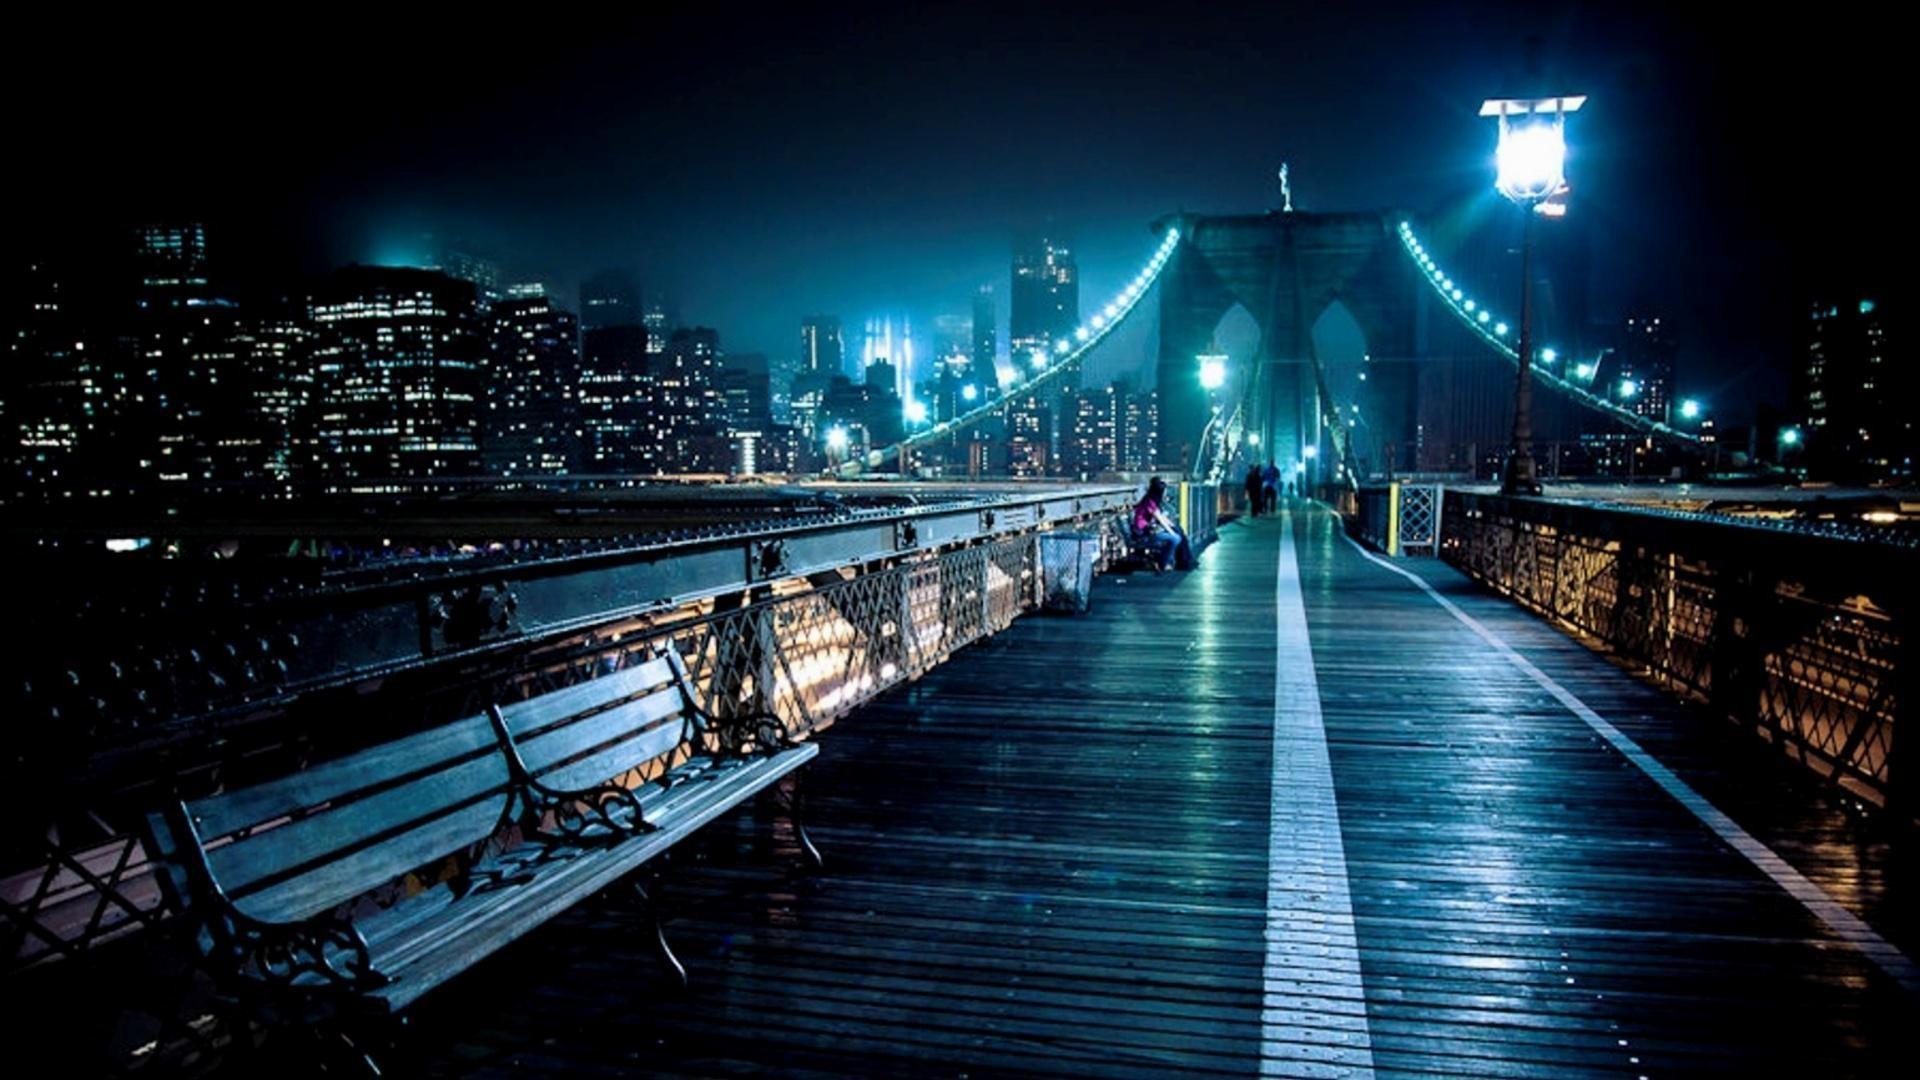 wallpaper.wiki-Brooklyn-Bridge-Background-Full-HD-PIC-